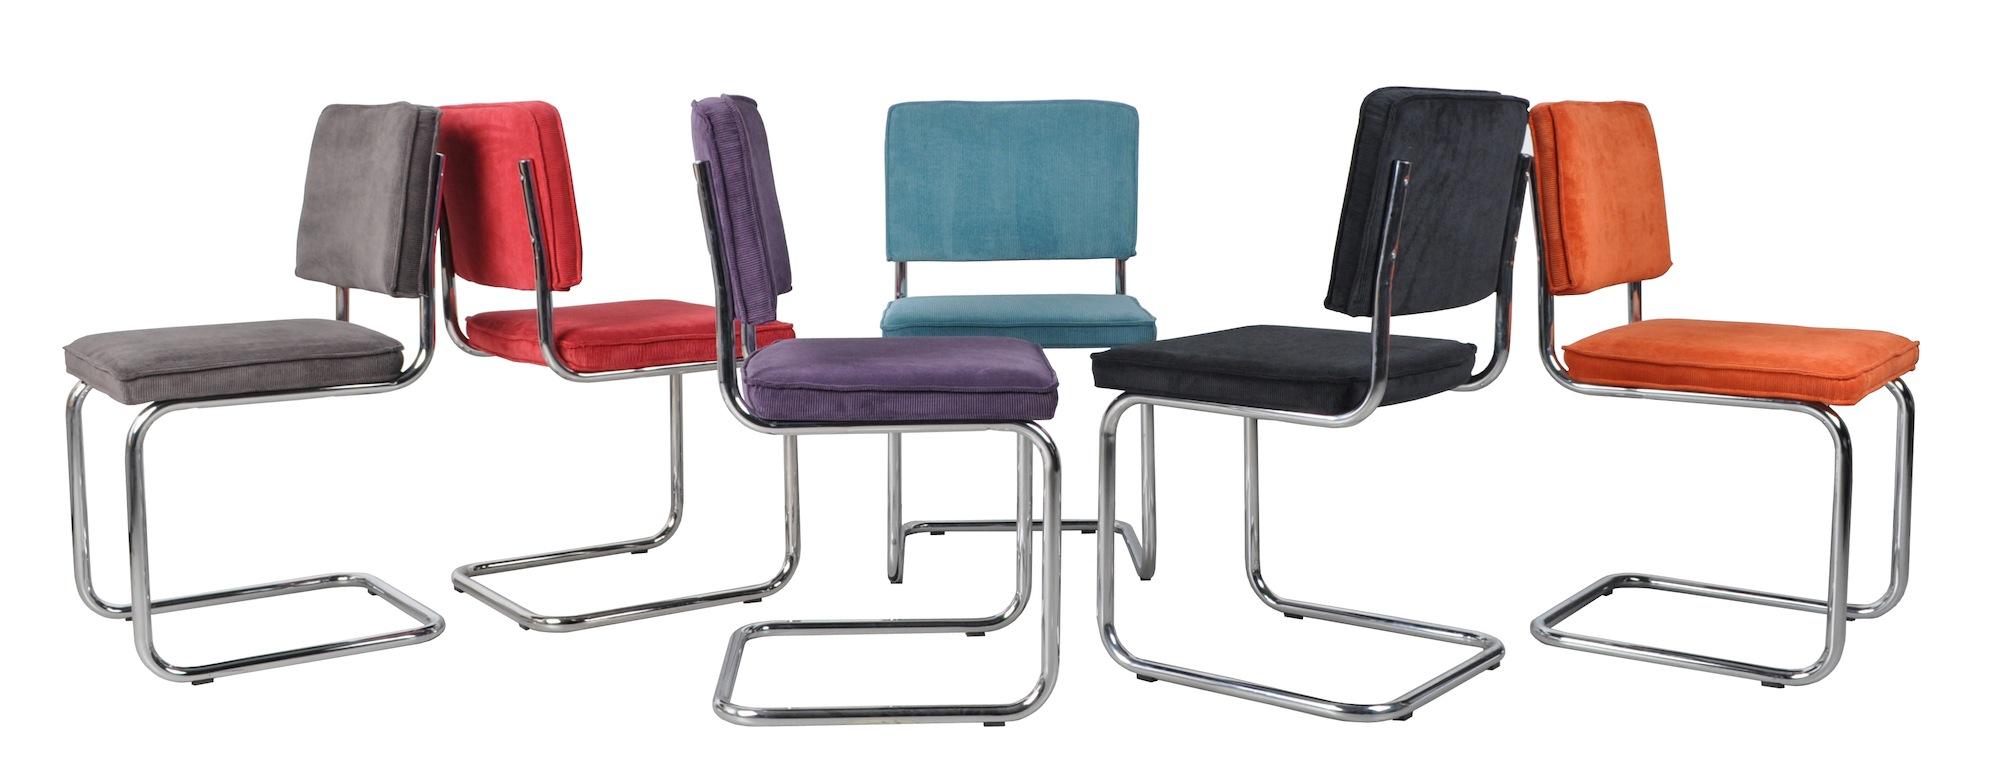 afb stoelen.jpg